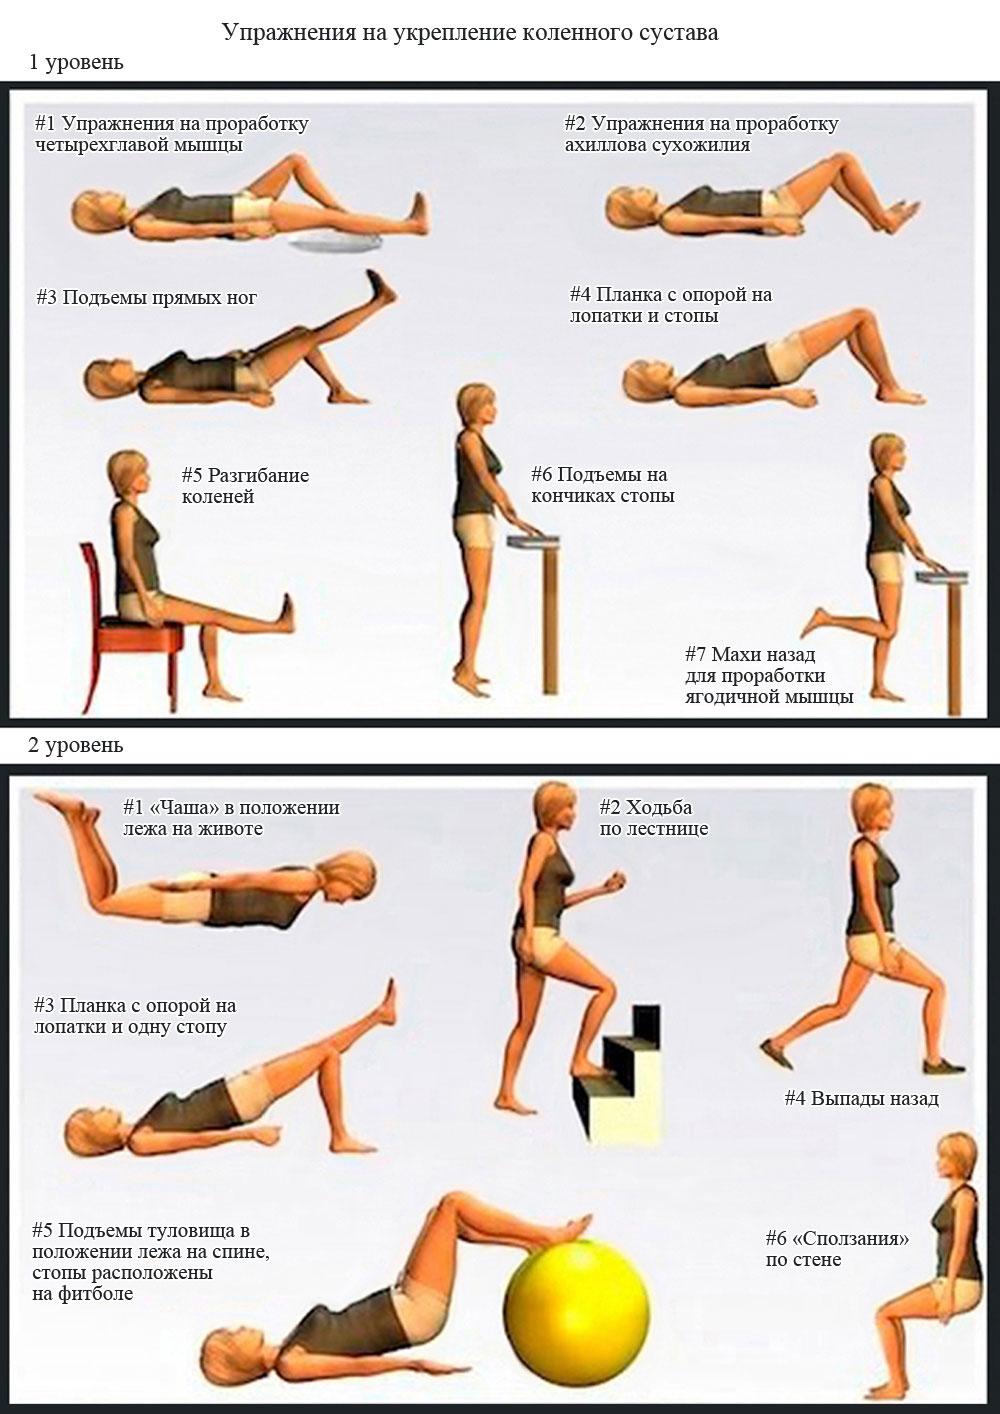 Упражнения после операции на коленном суставе боль в суставах рук от холода